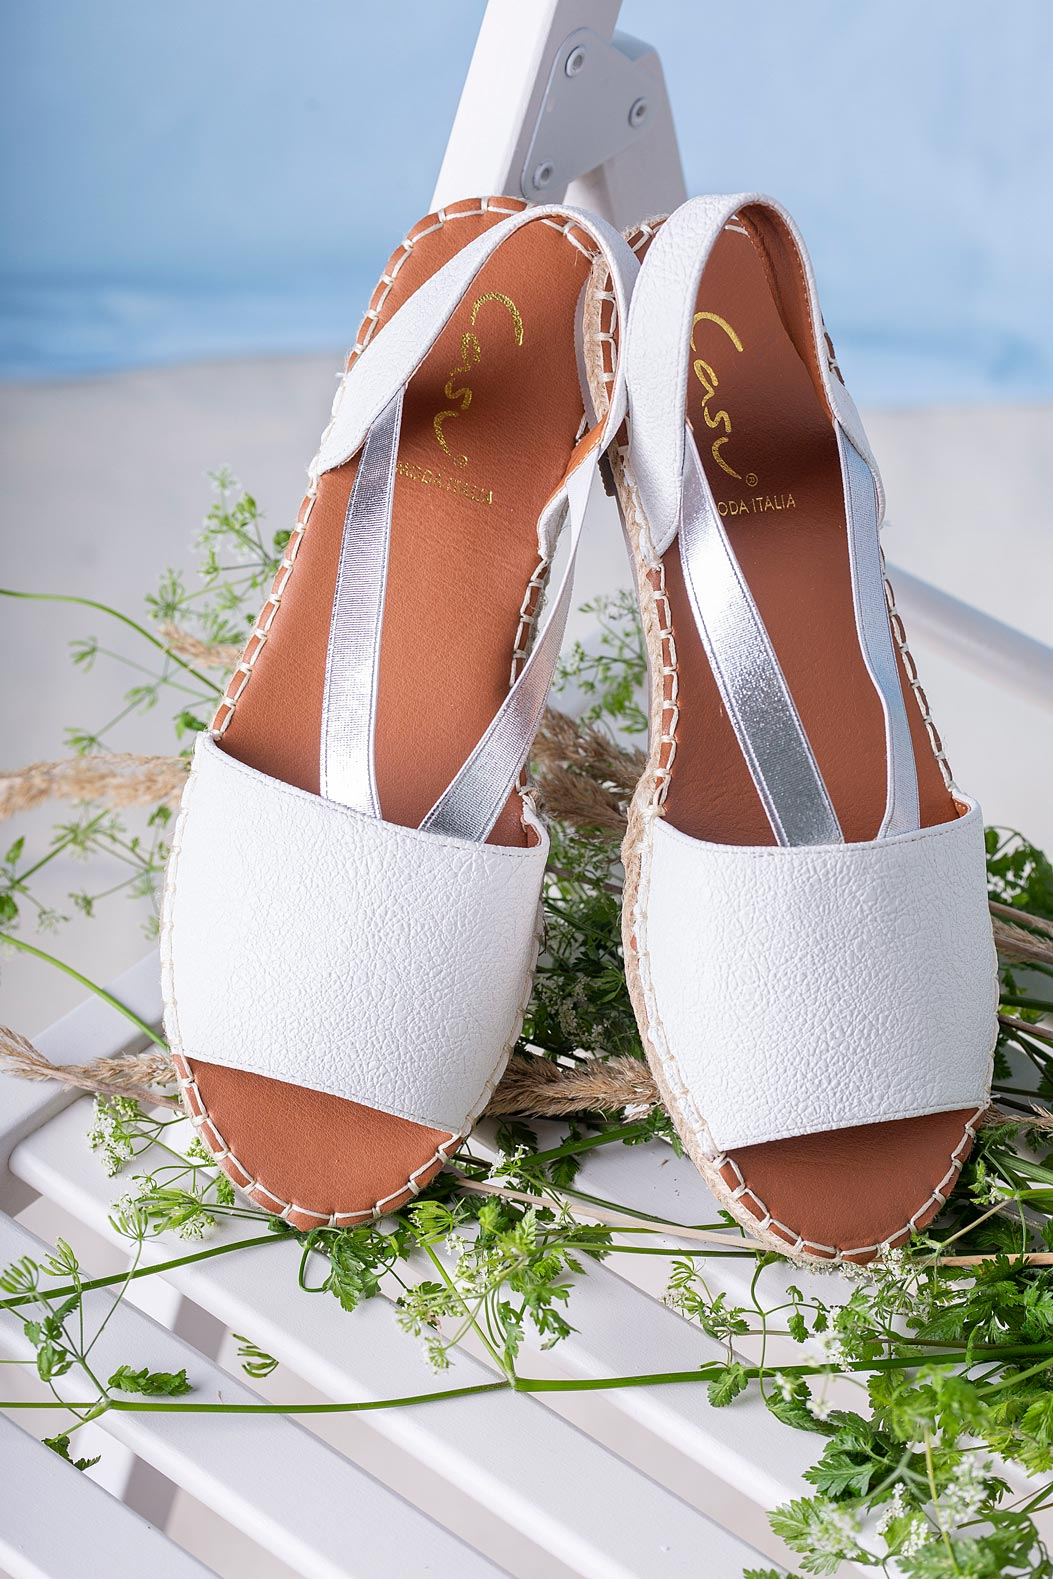 Białe sandały espadryle płaskie z gumką Casu SN20X5/W biały